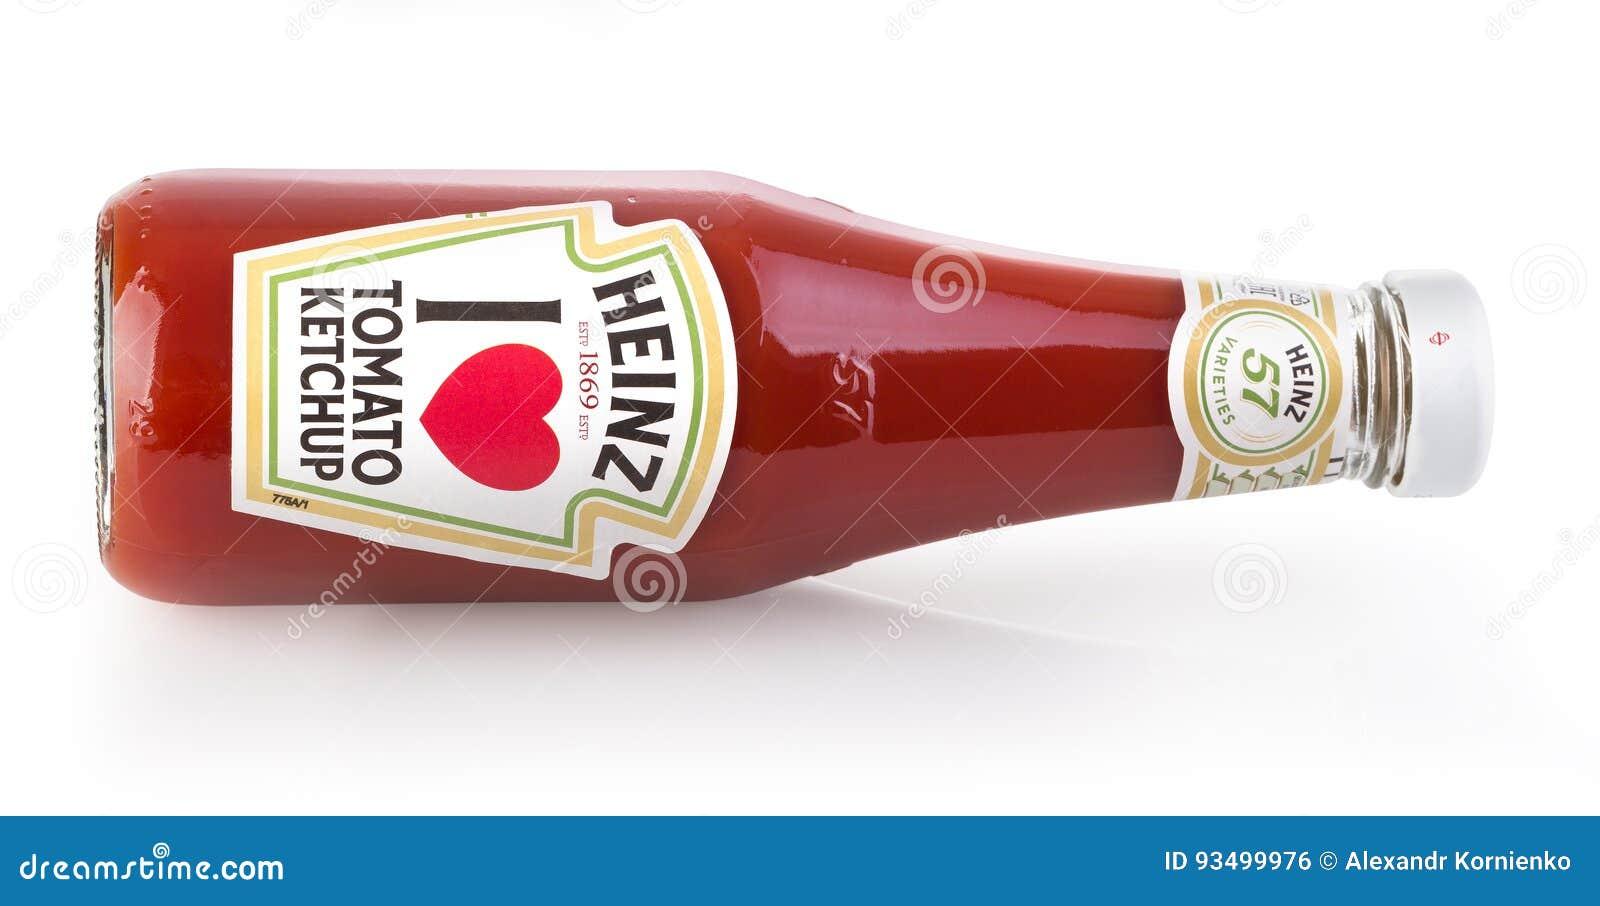 海因茨番茄酱被隔绝的一个瓶